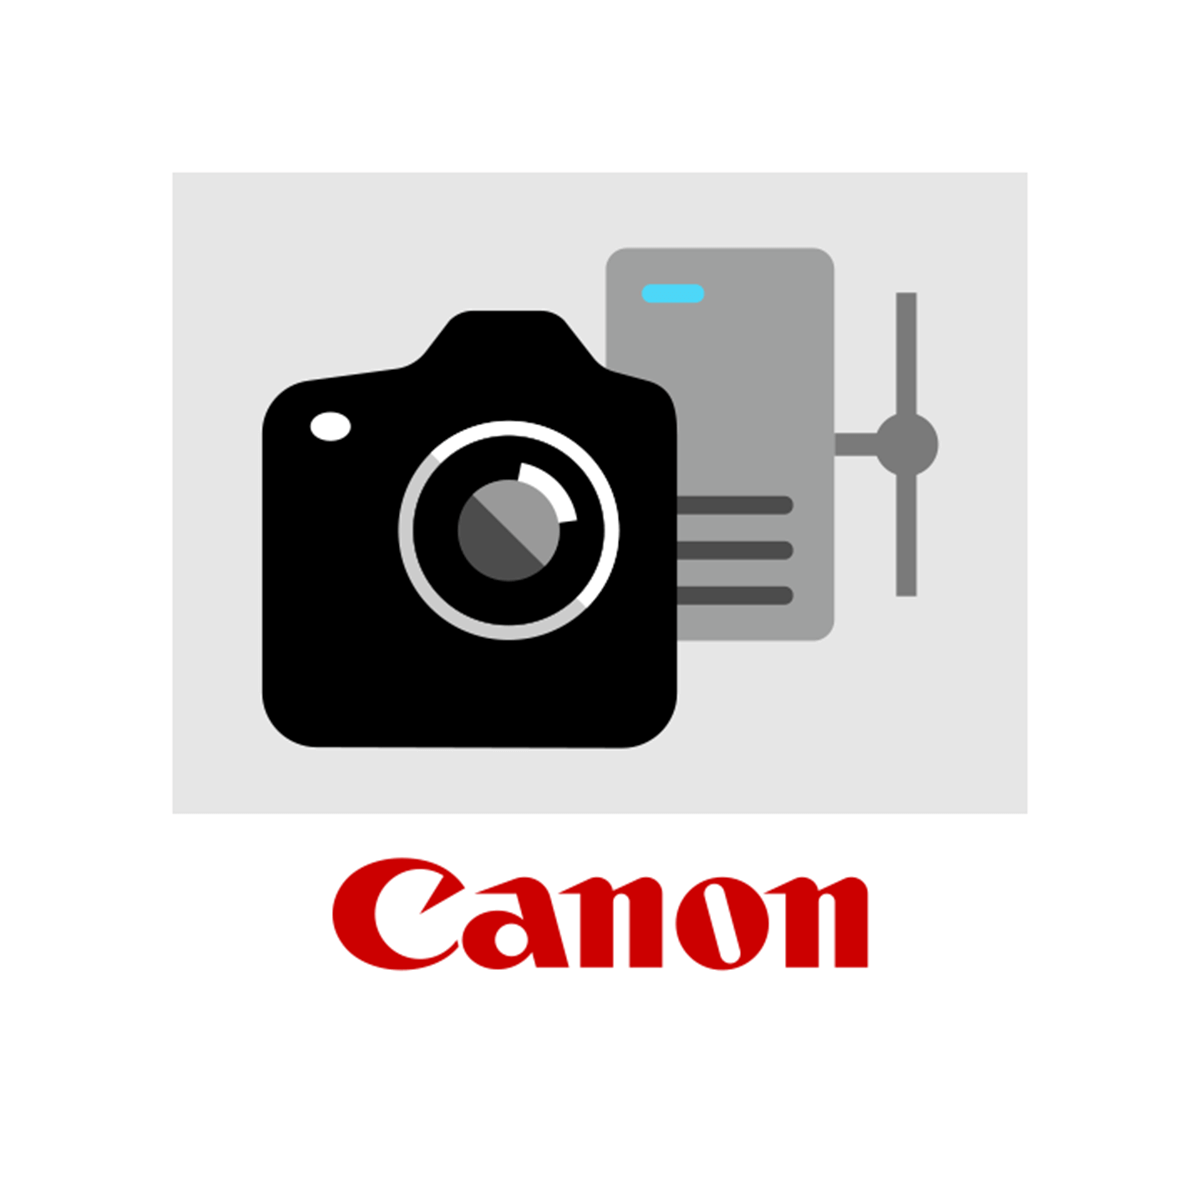 Canon Mobile File Transfer App